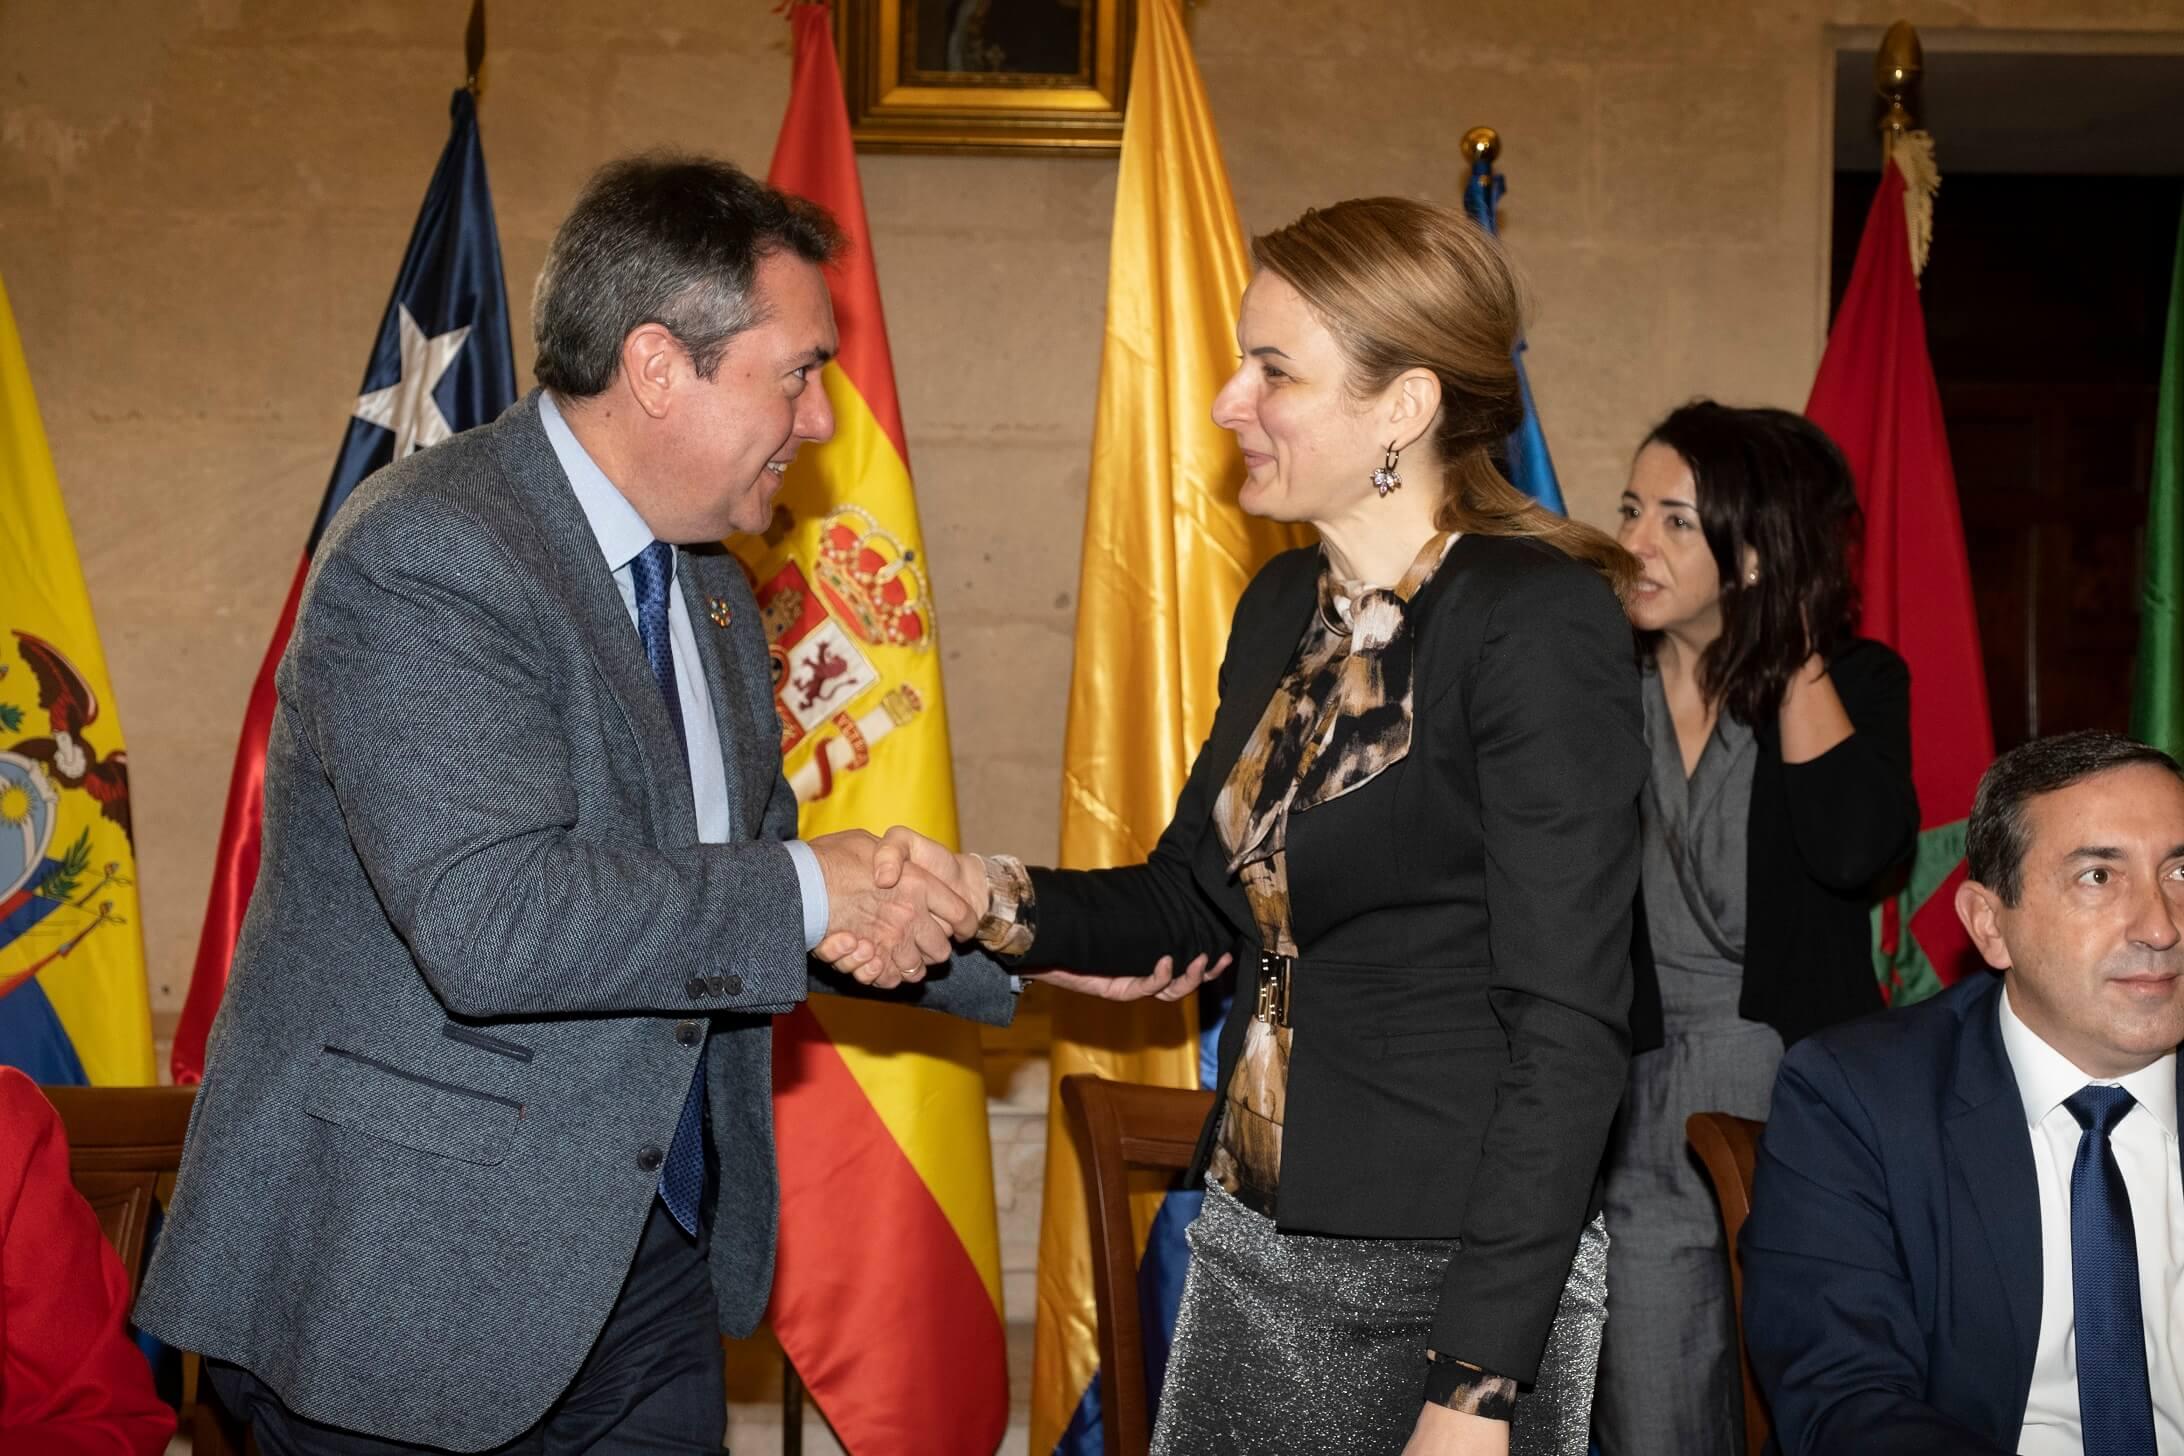 Градоначелница Сомбора Душанка Голубовић са градоначелником Севиље Хуаном Еспадасом Сехасом